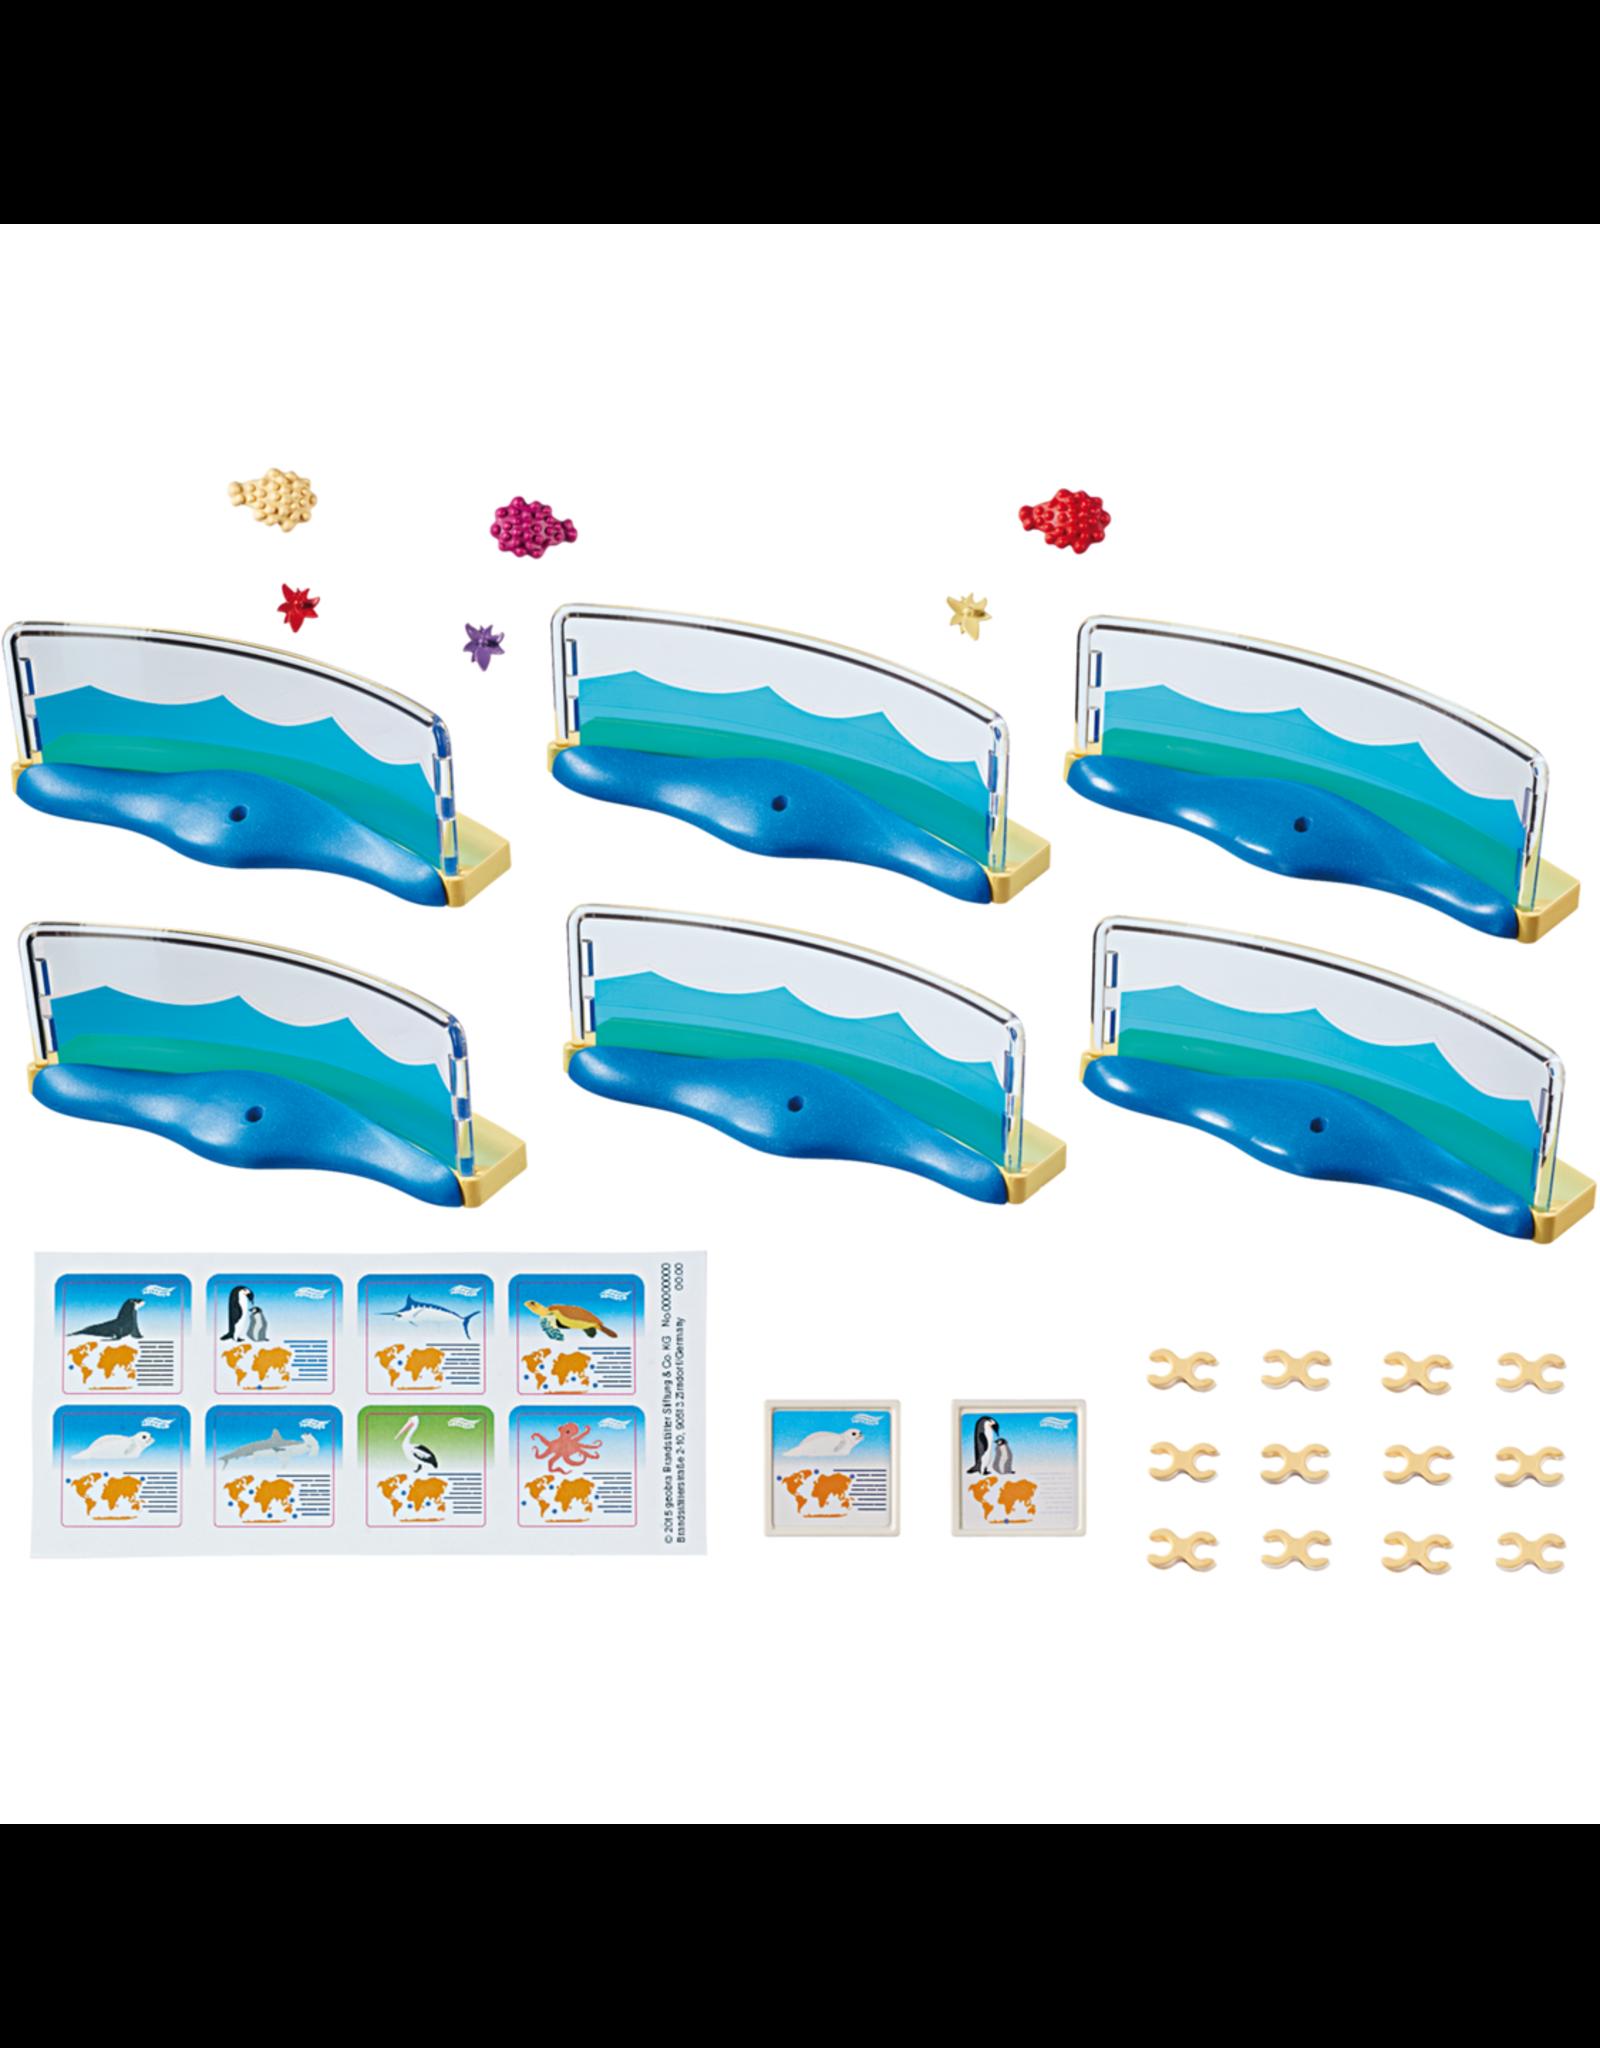 Playmobil Aquarium Enclosure